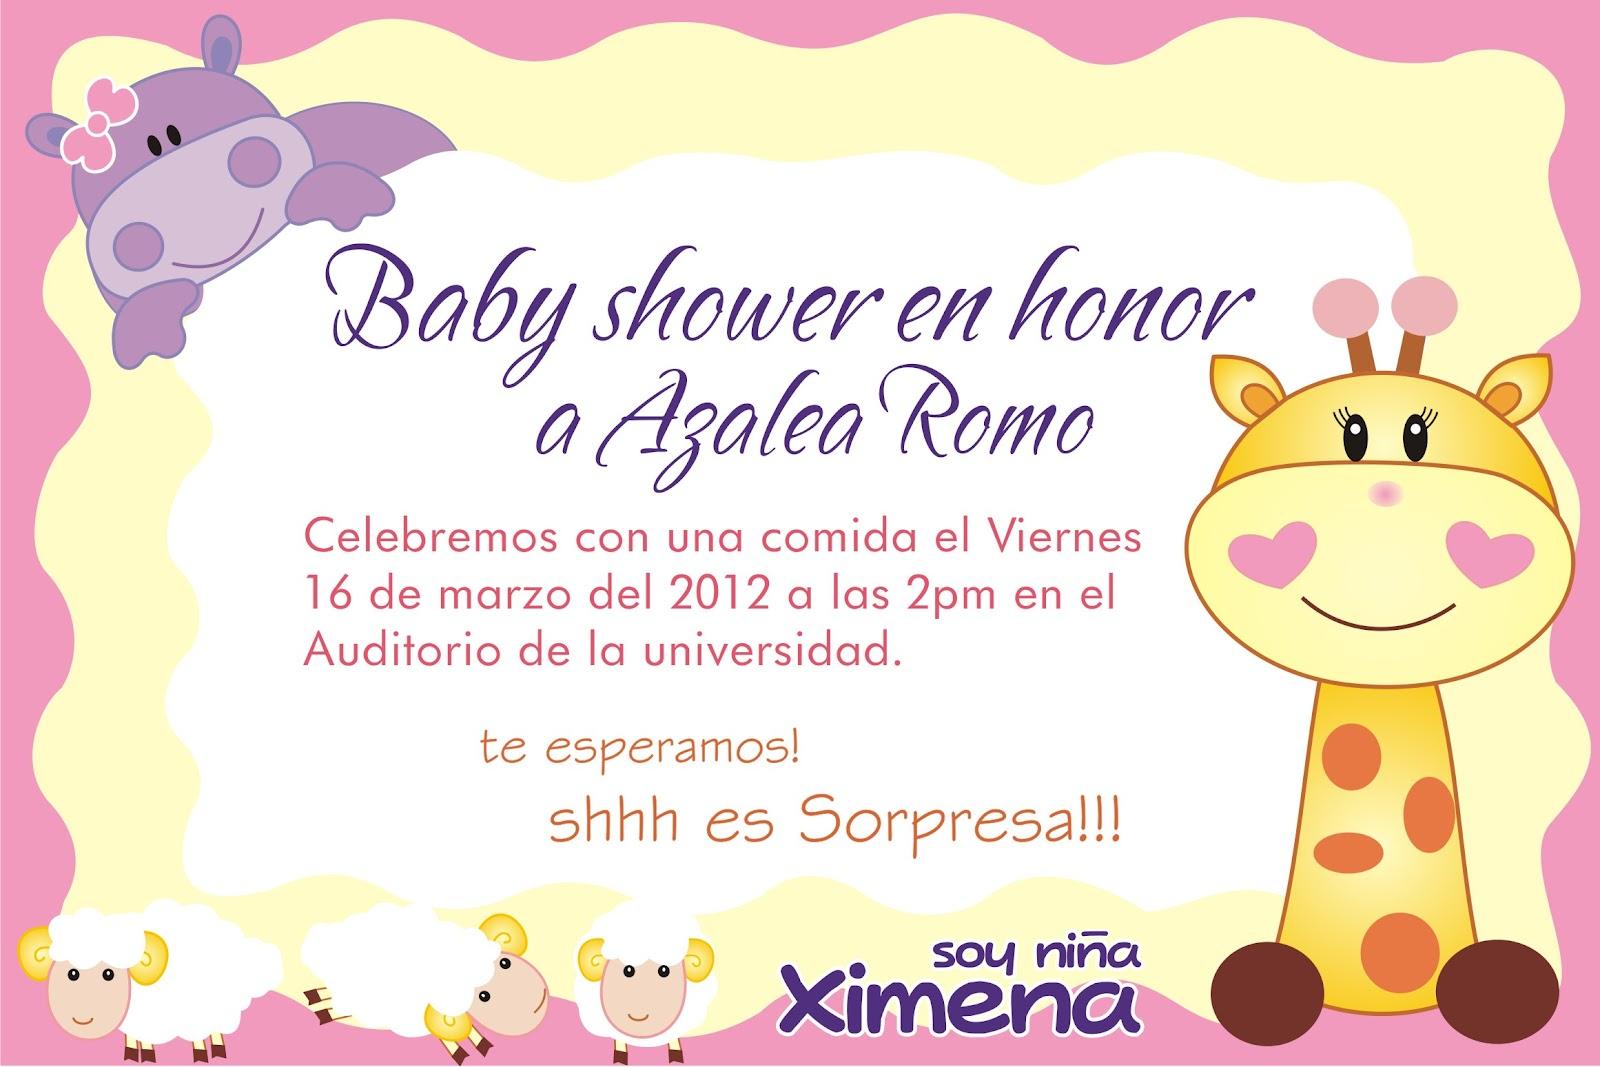 invitaciones para baby shawer: